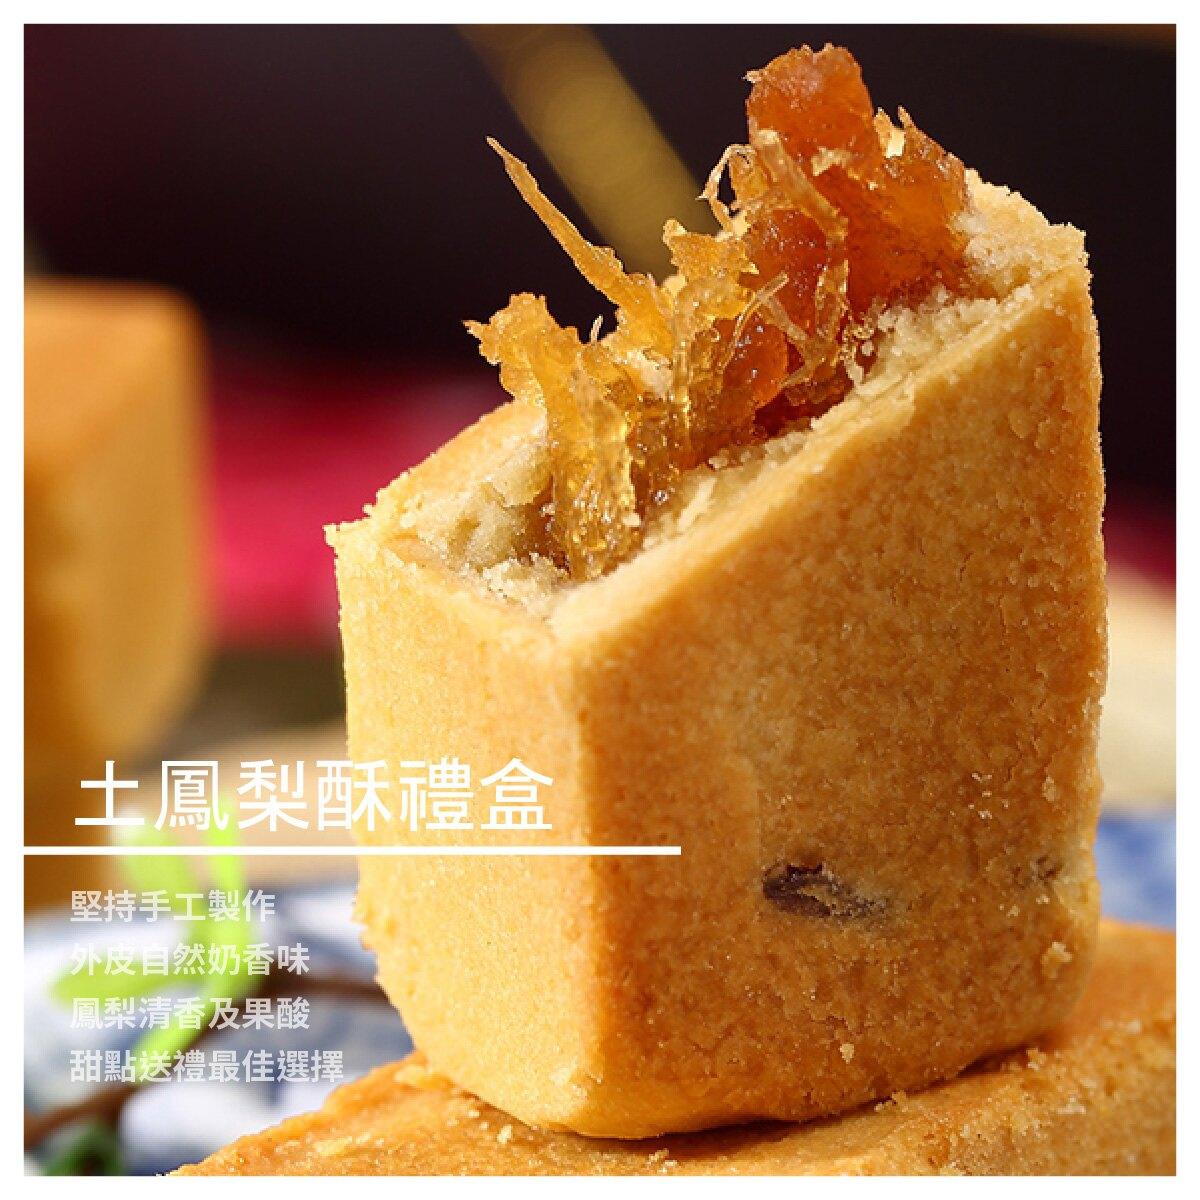 【卡但屋餅店】土鳳梨酥禮盒/12入